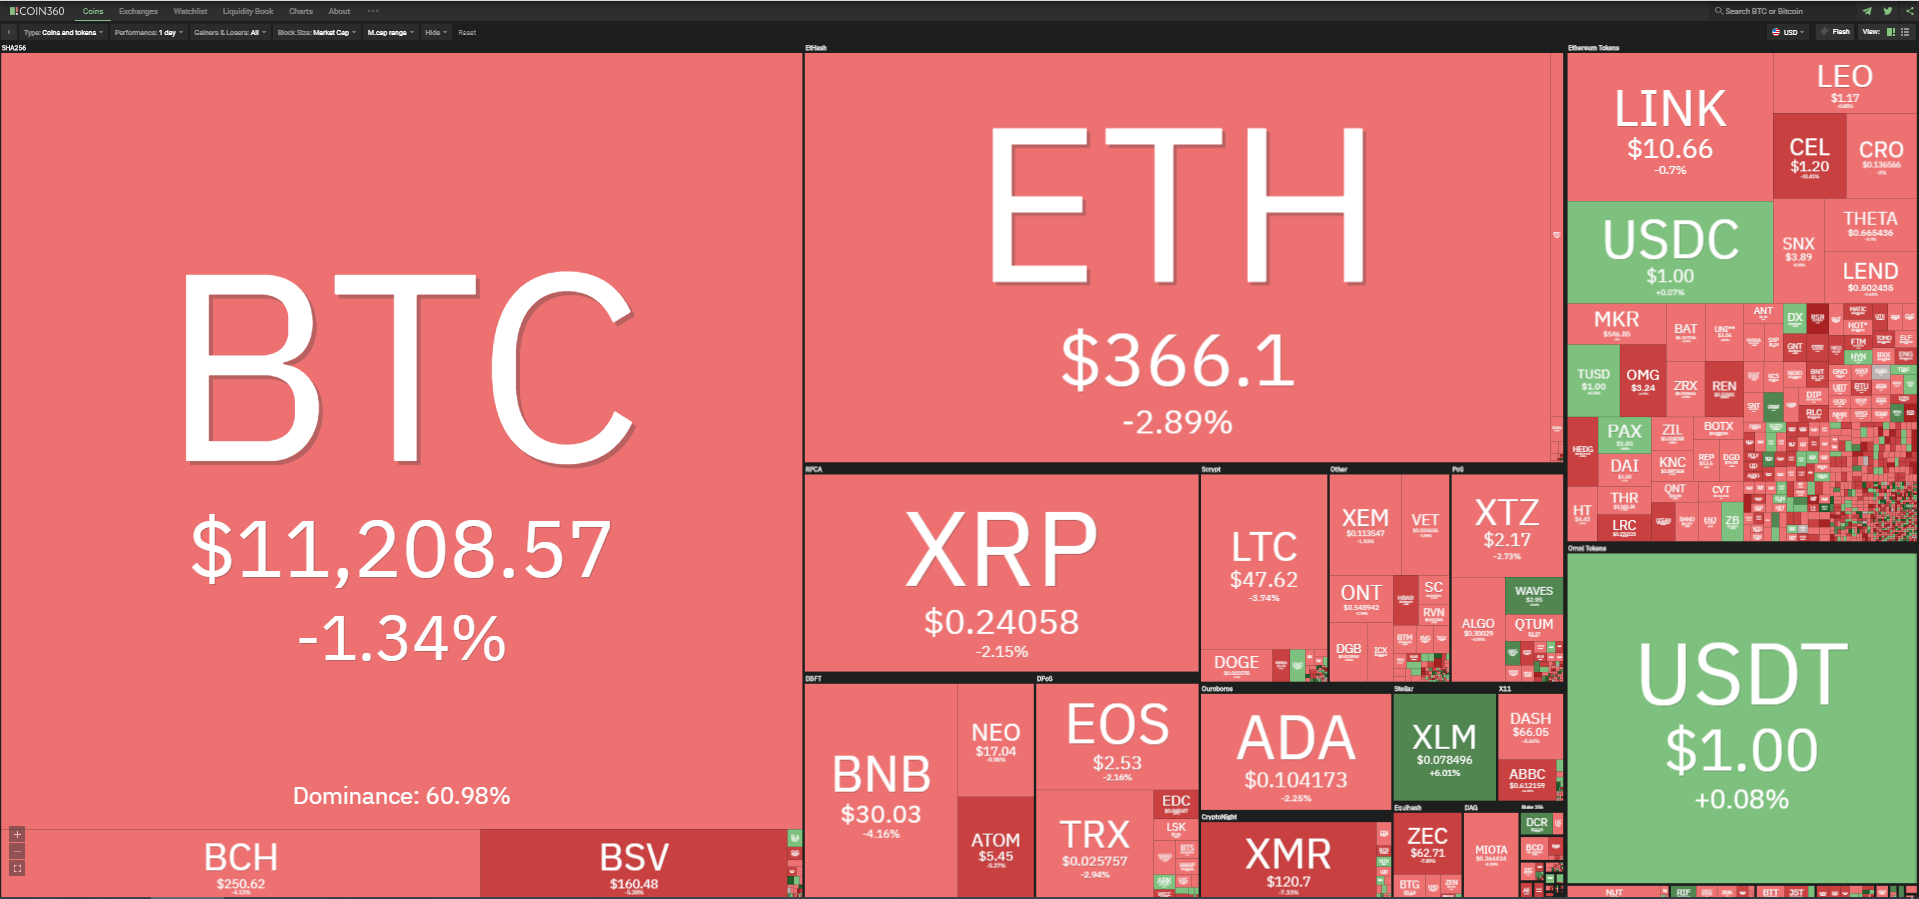 Toàn cảnh thị trường tiền kĩ thuật số ngày 17/10 (nguồn: Coin360.com).